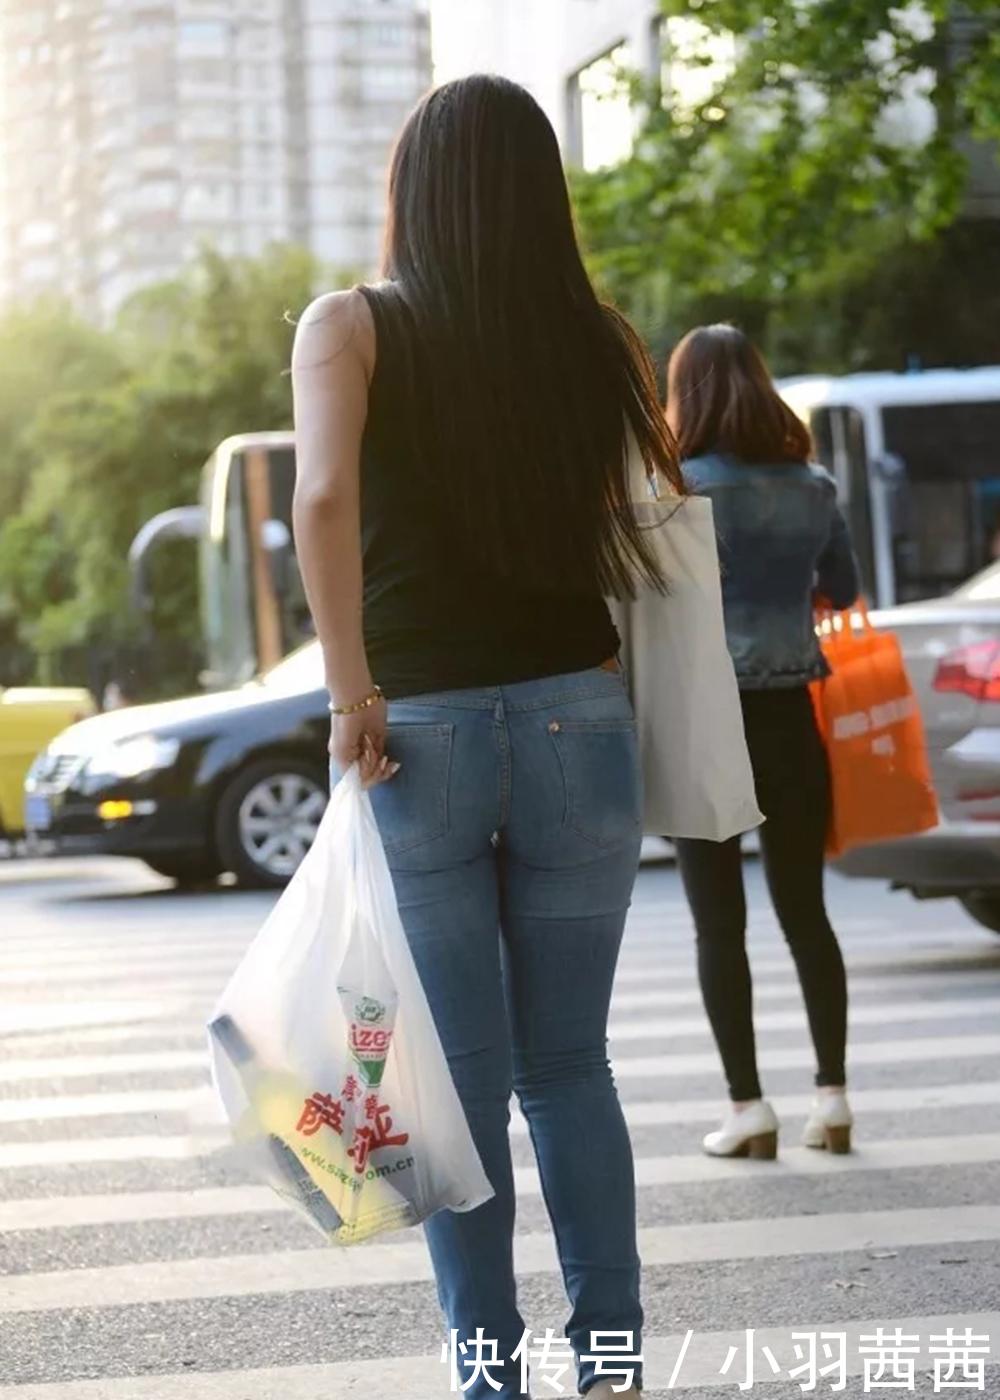 欧美大屁股牛仔裤街拍视频_小羽街拍:丰臀紧身牛仔裤外国美女,宽腚好身材!